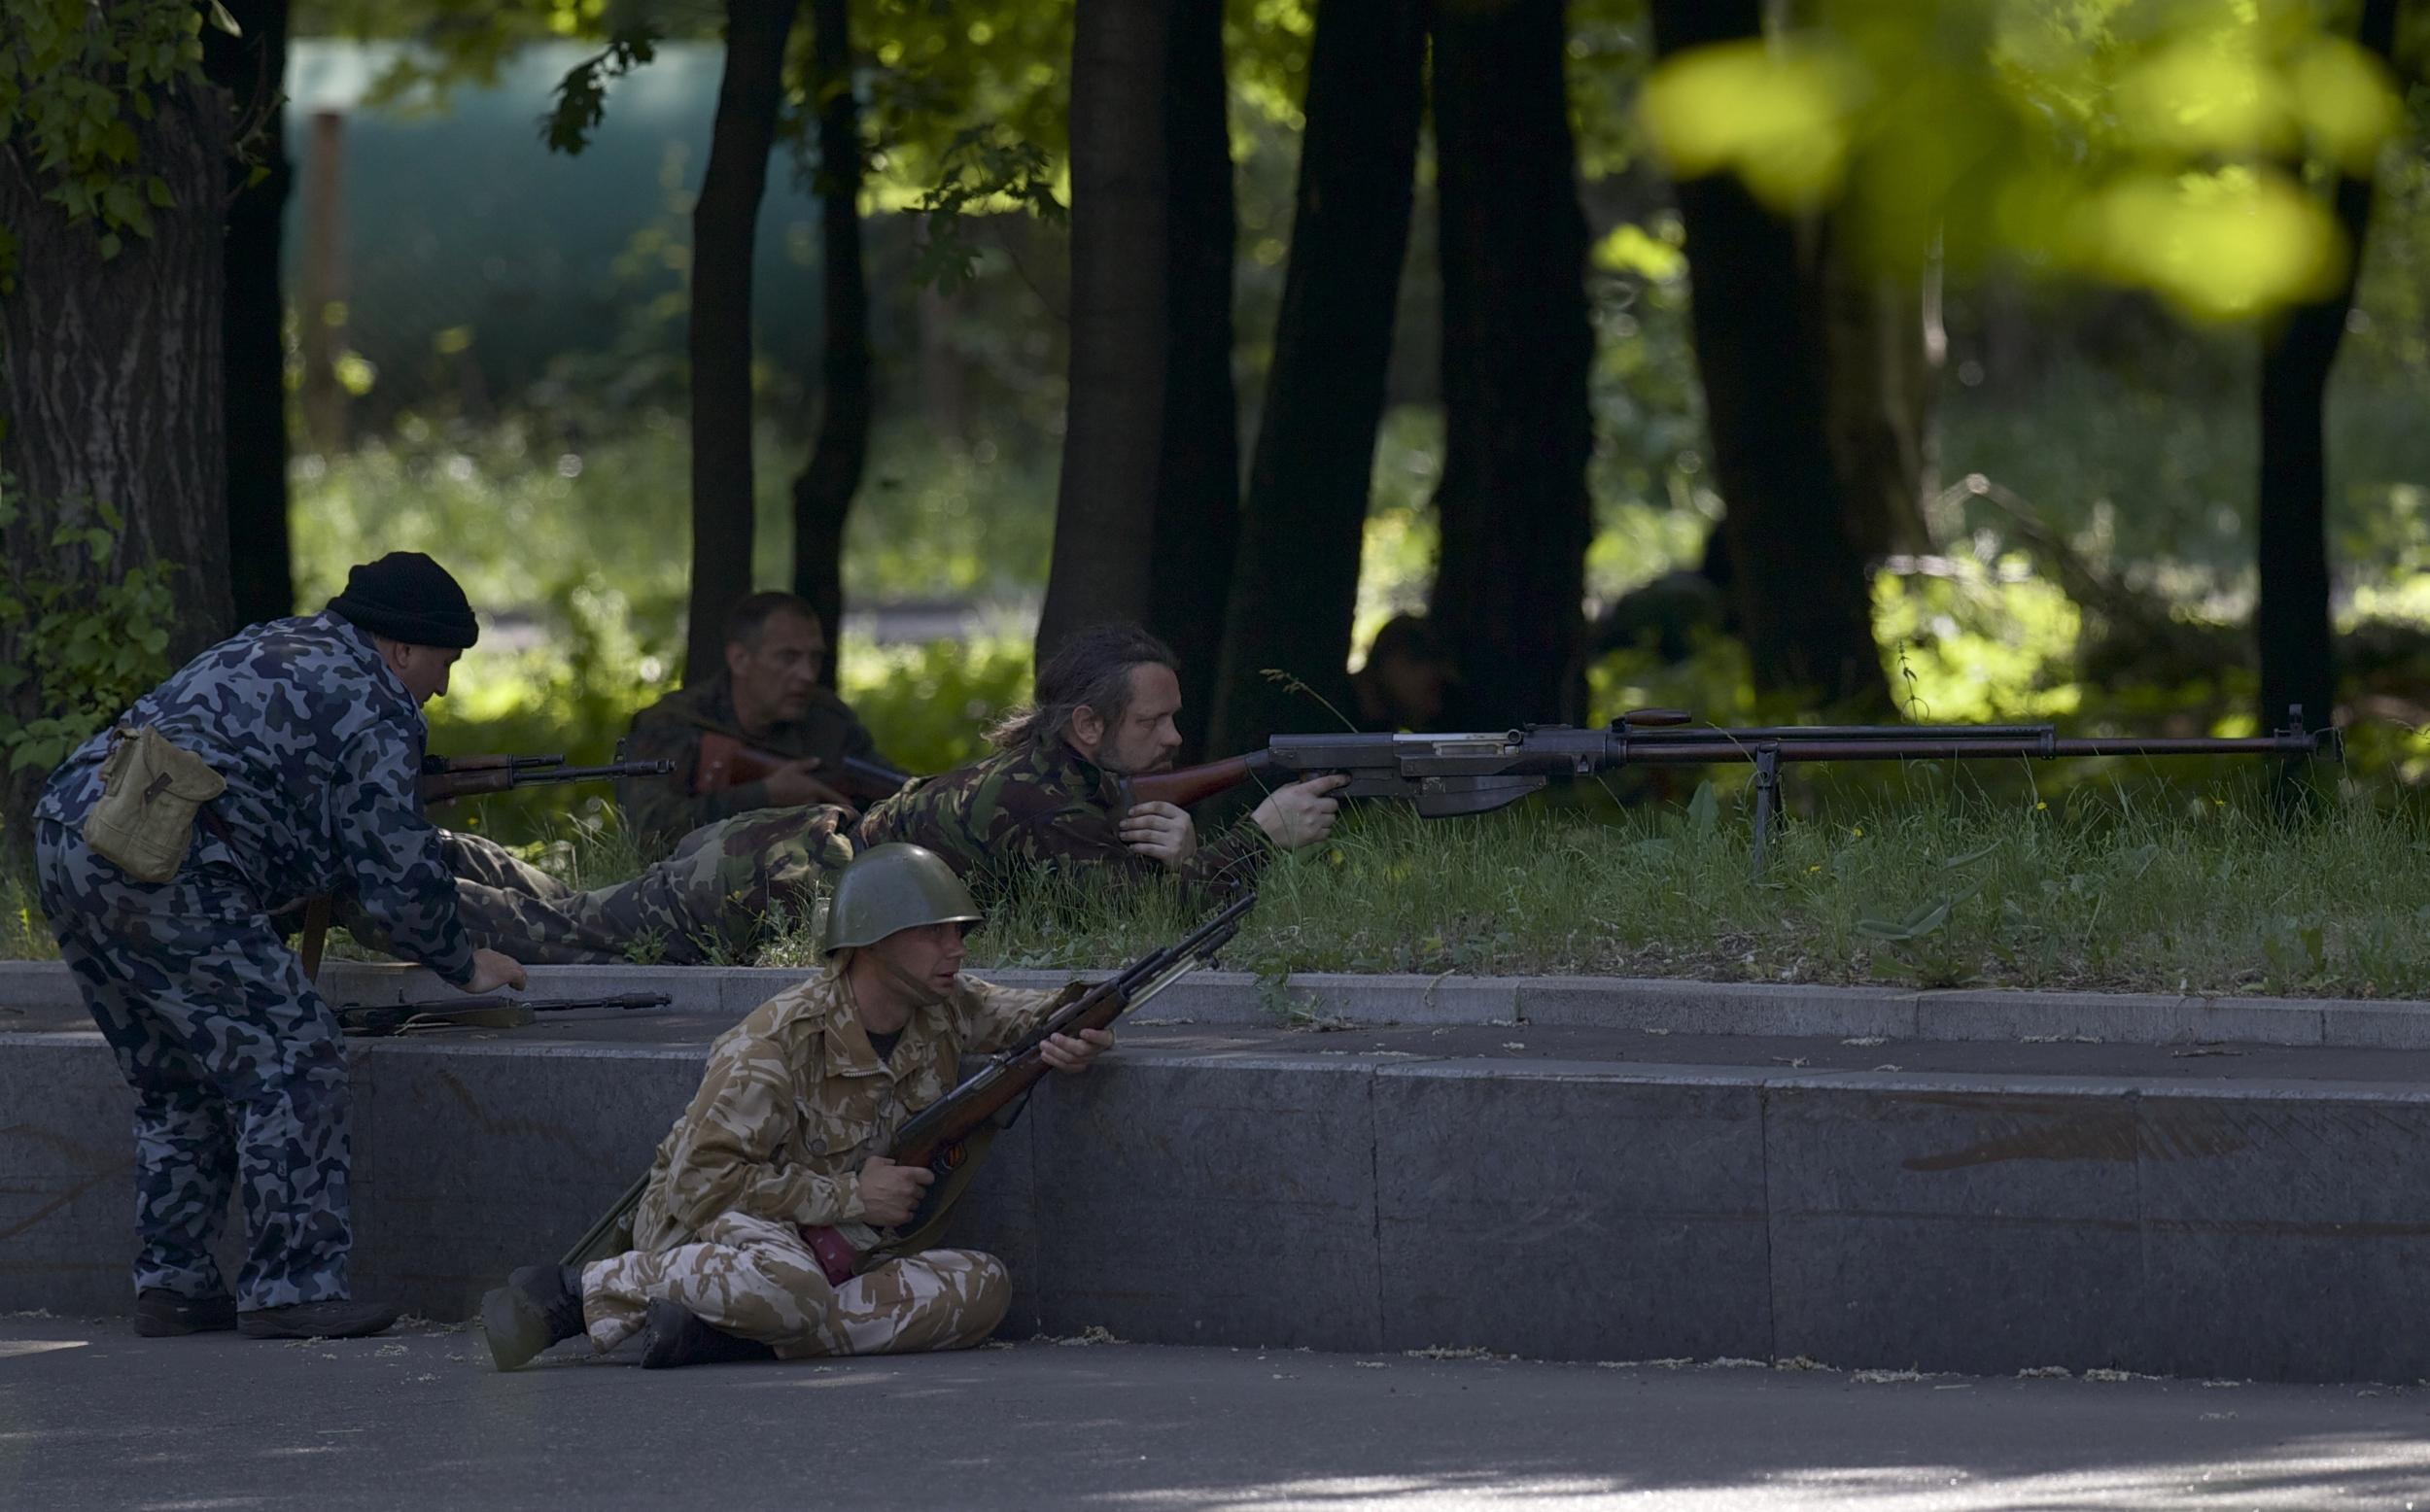 В Донецкой и Луганской областях будет действовать сводный отряд милиции, - Аваков - Цензор.НЕТ 4889